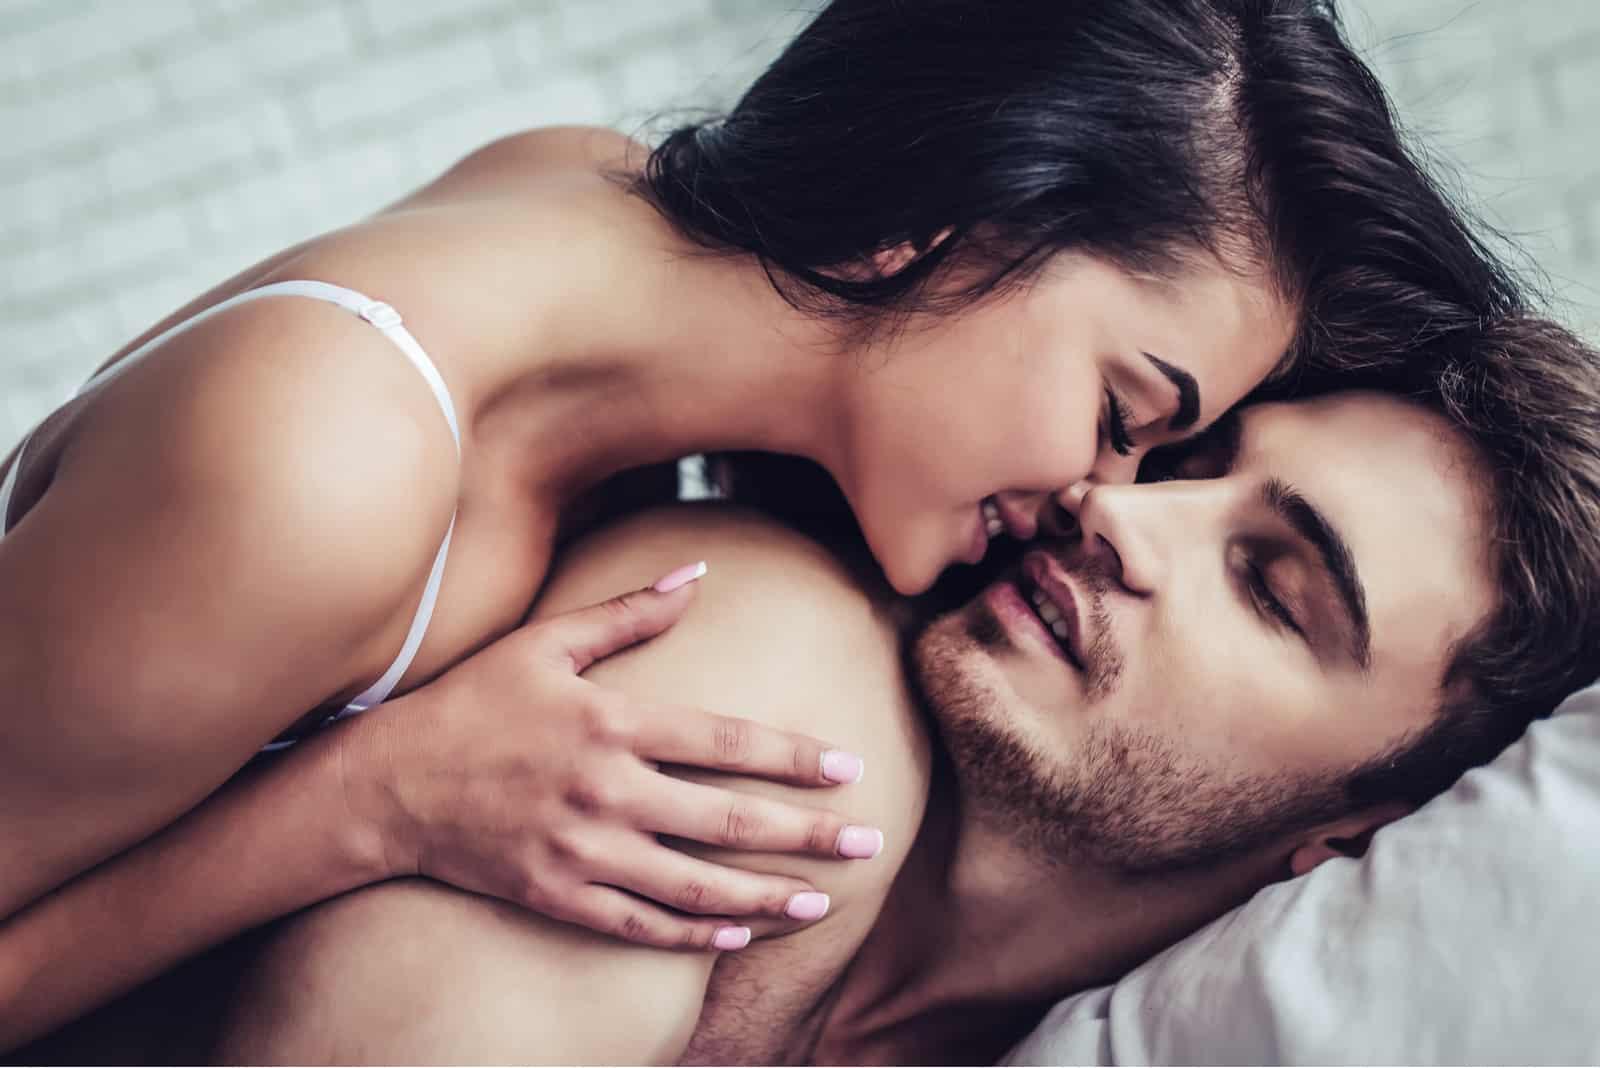 Eine Frau küsst einen Mann im Bett